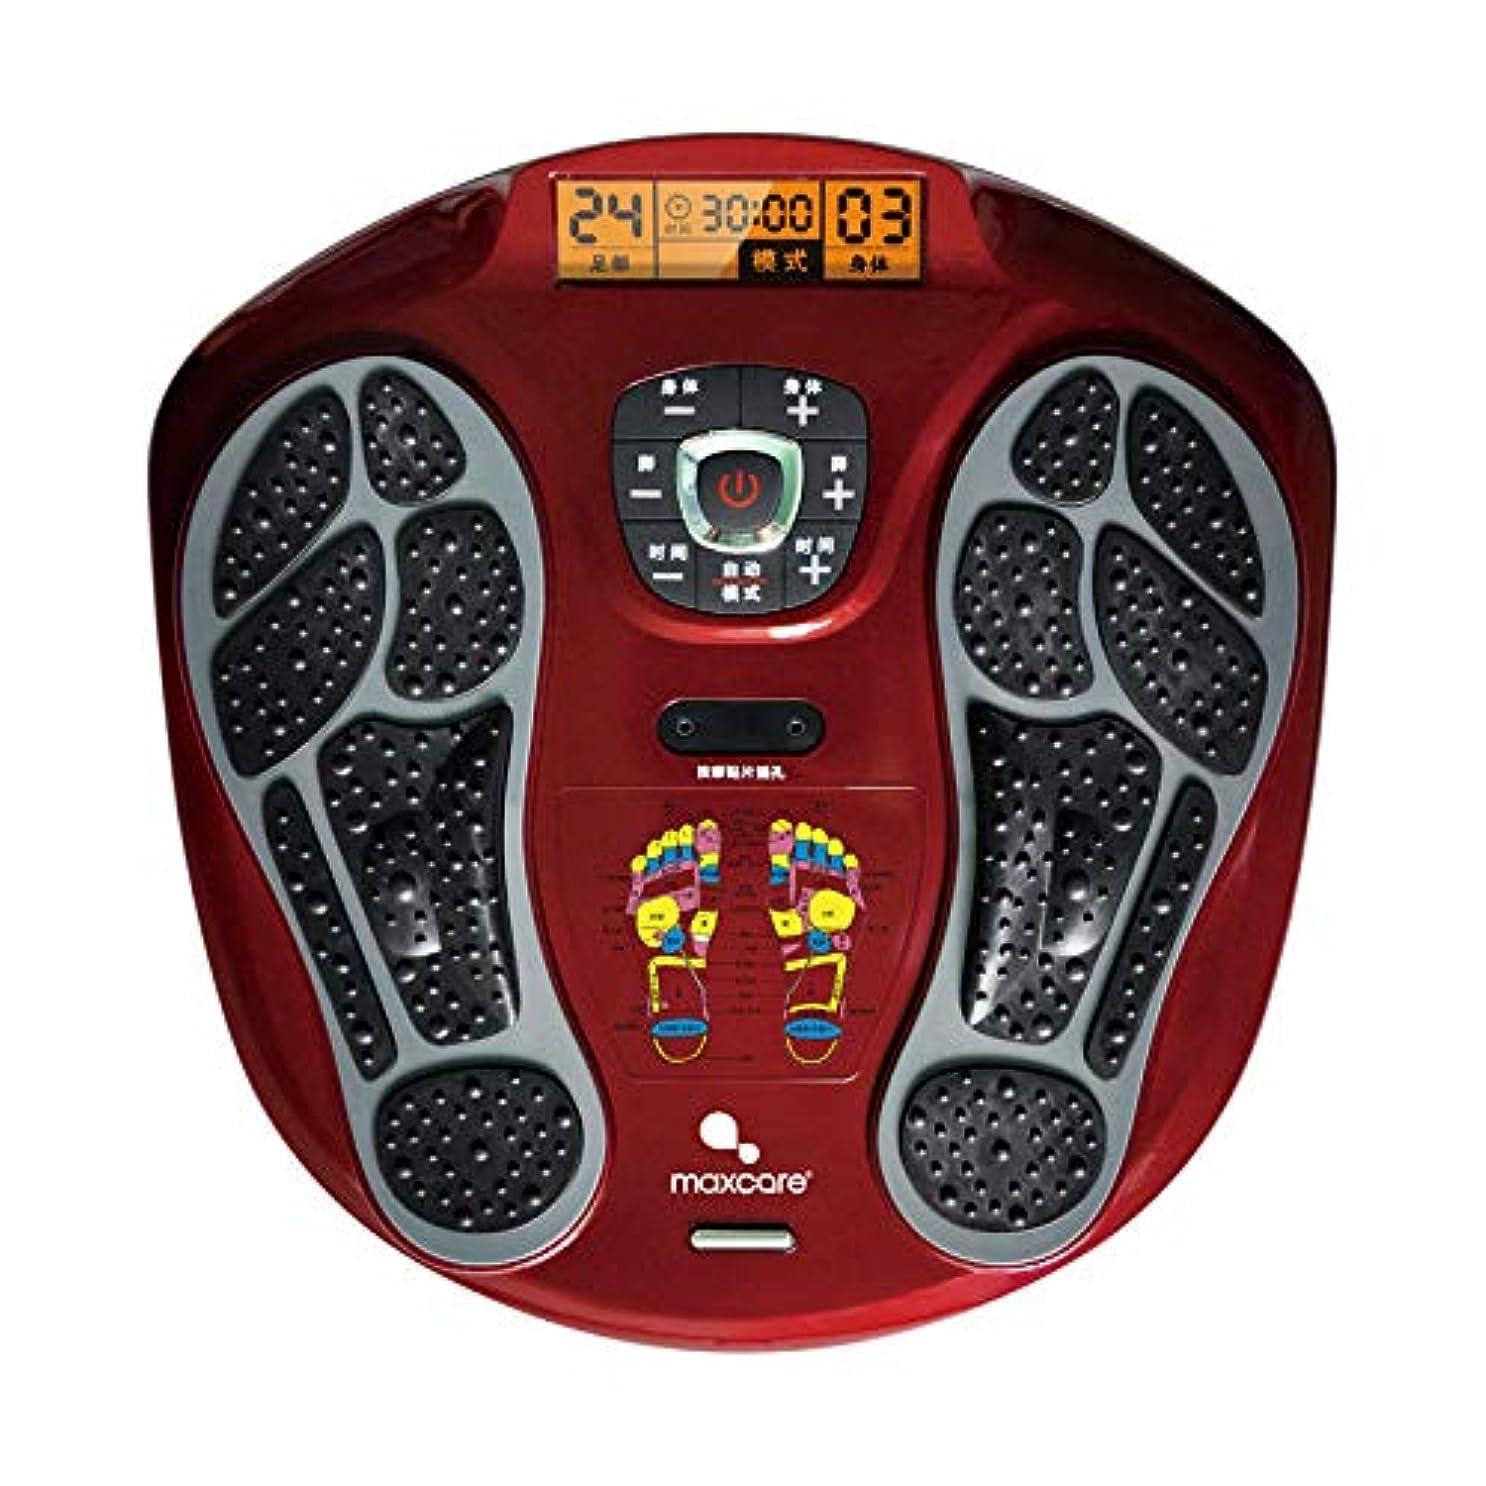 パターン演じる取り壊すリモコン 足マッサージ、フルフットマッサージ体験のためのLEDディスプレイスクリーン、疲れて痛む足をリラックス インテリジェント